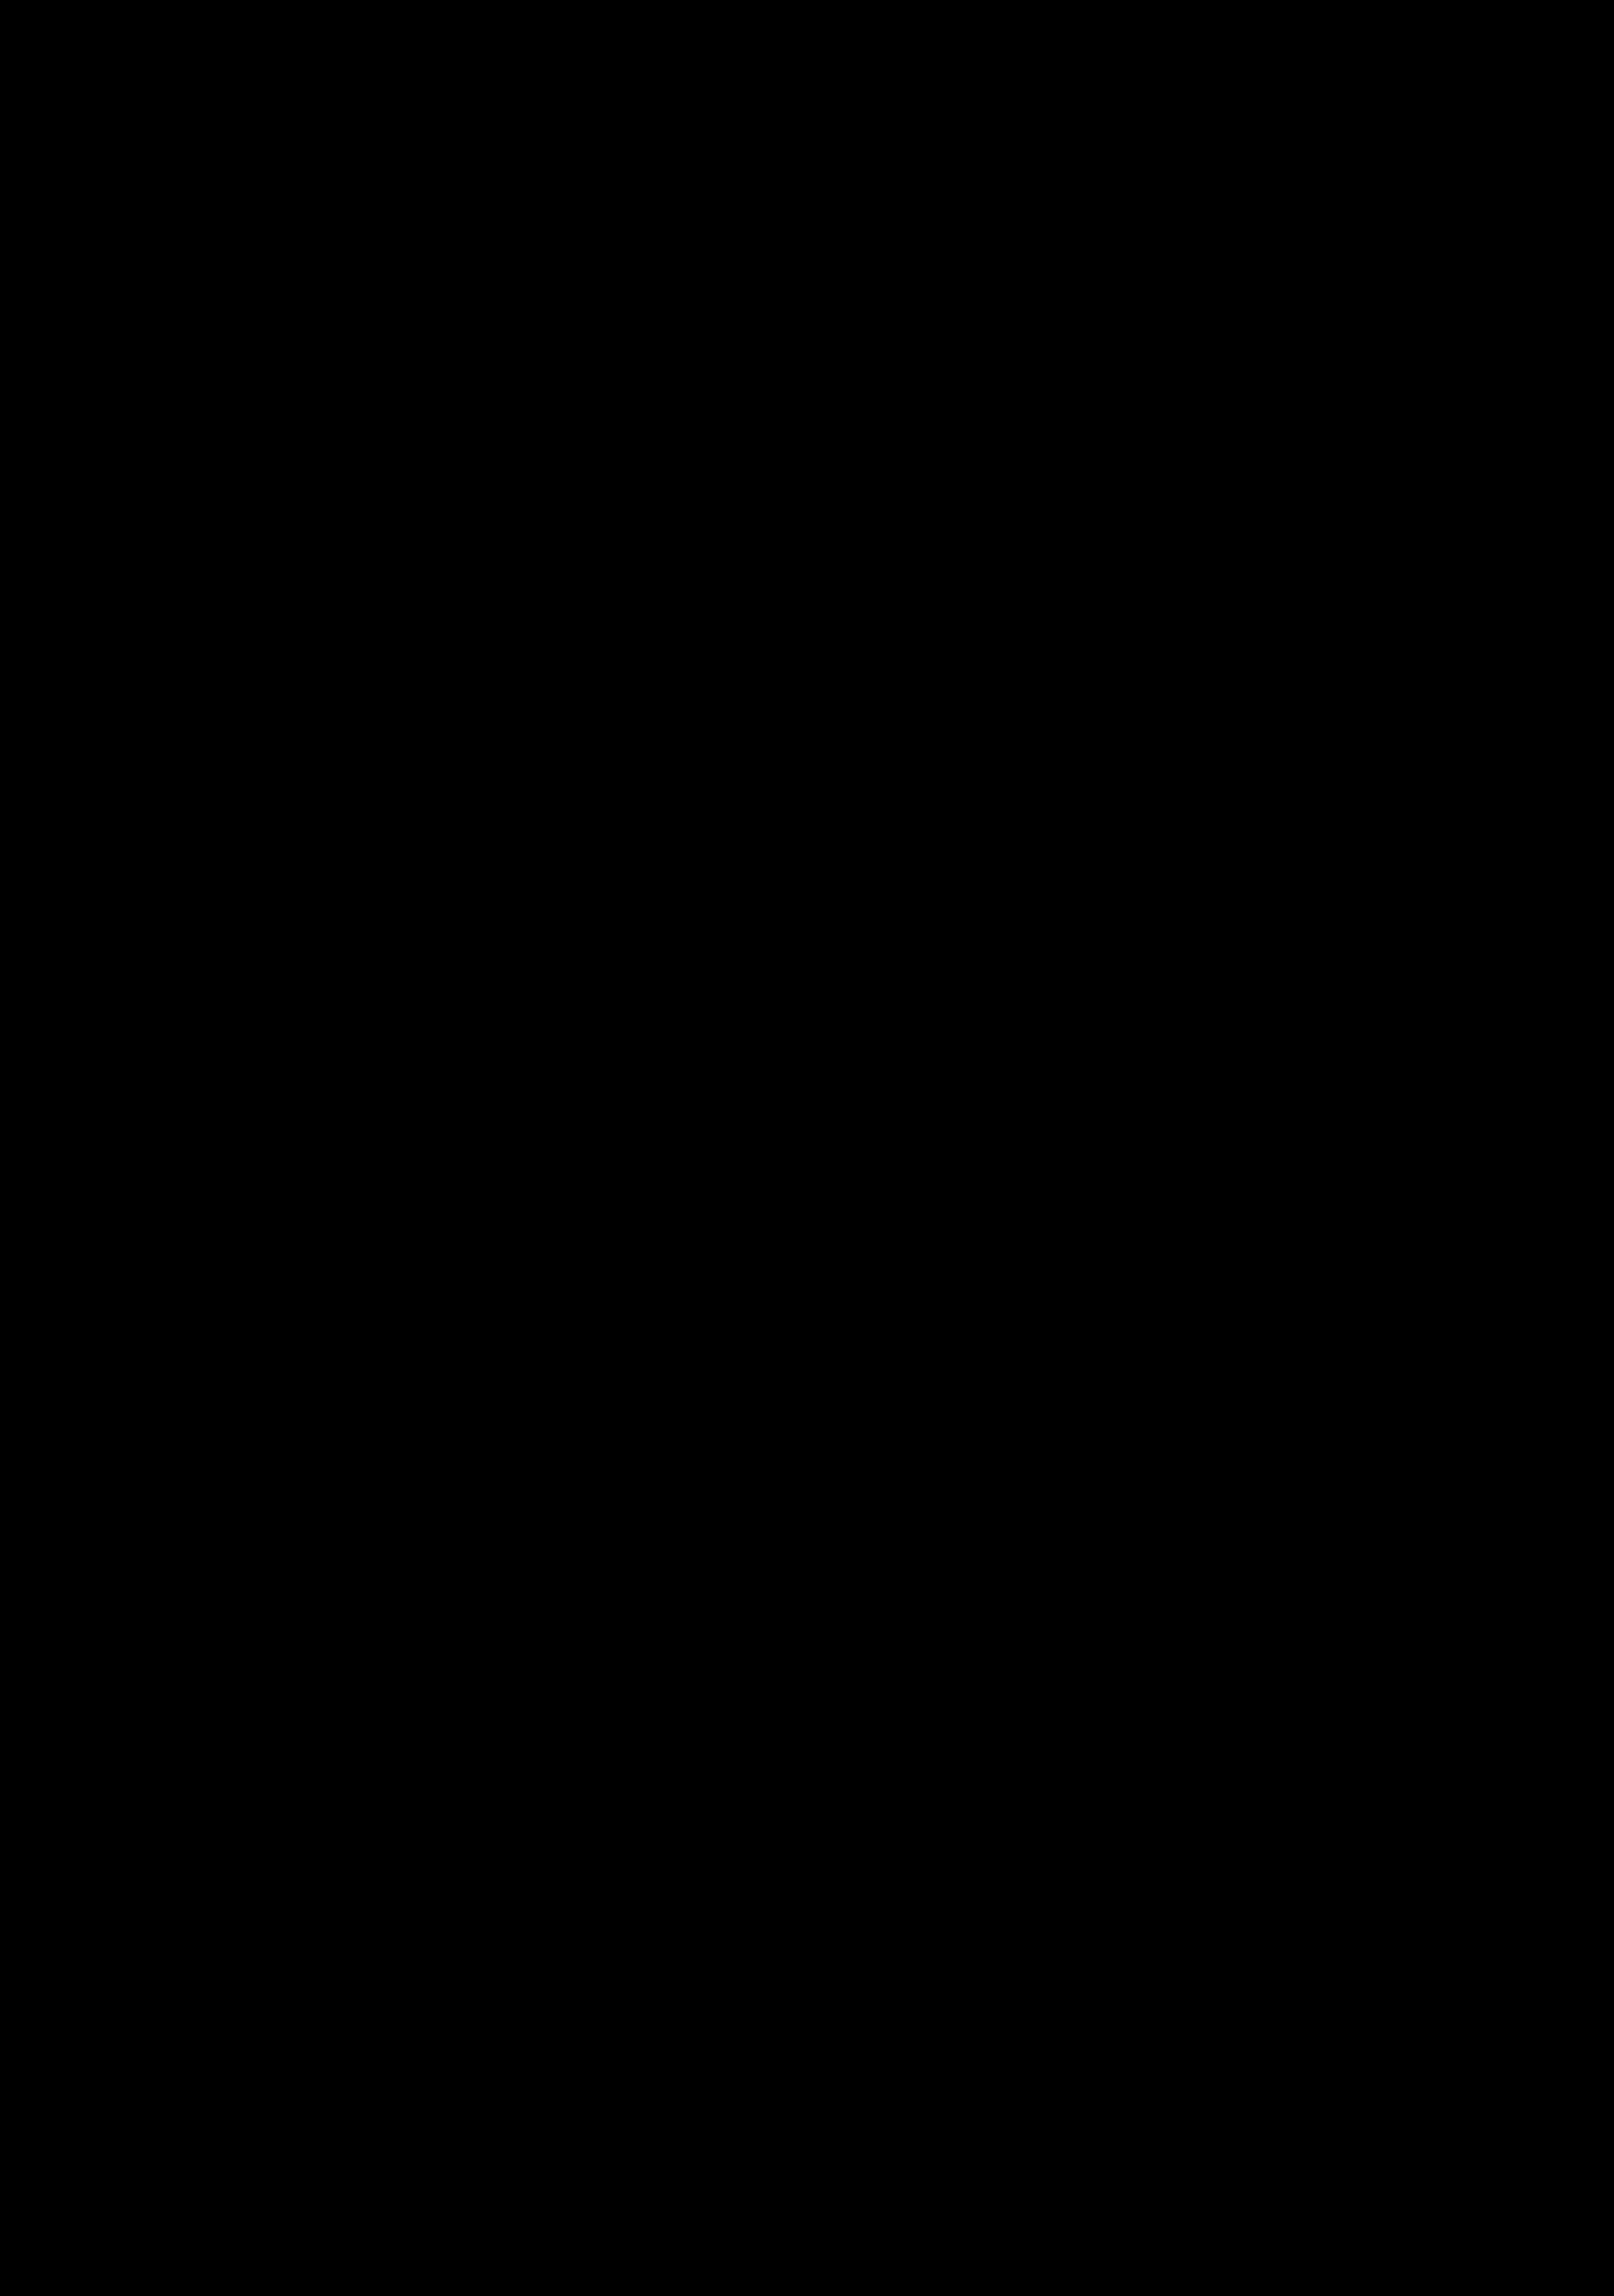 плакат фильма постер локализованные Паранормальное явление 4